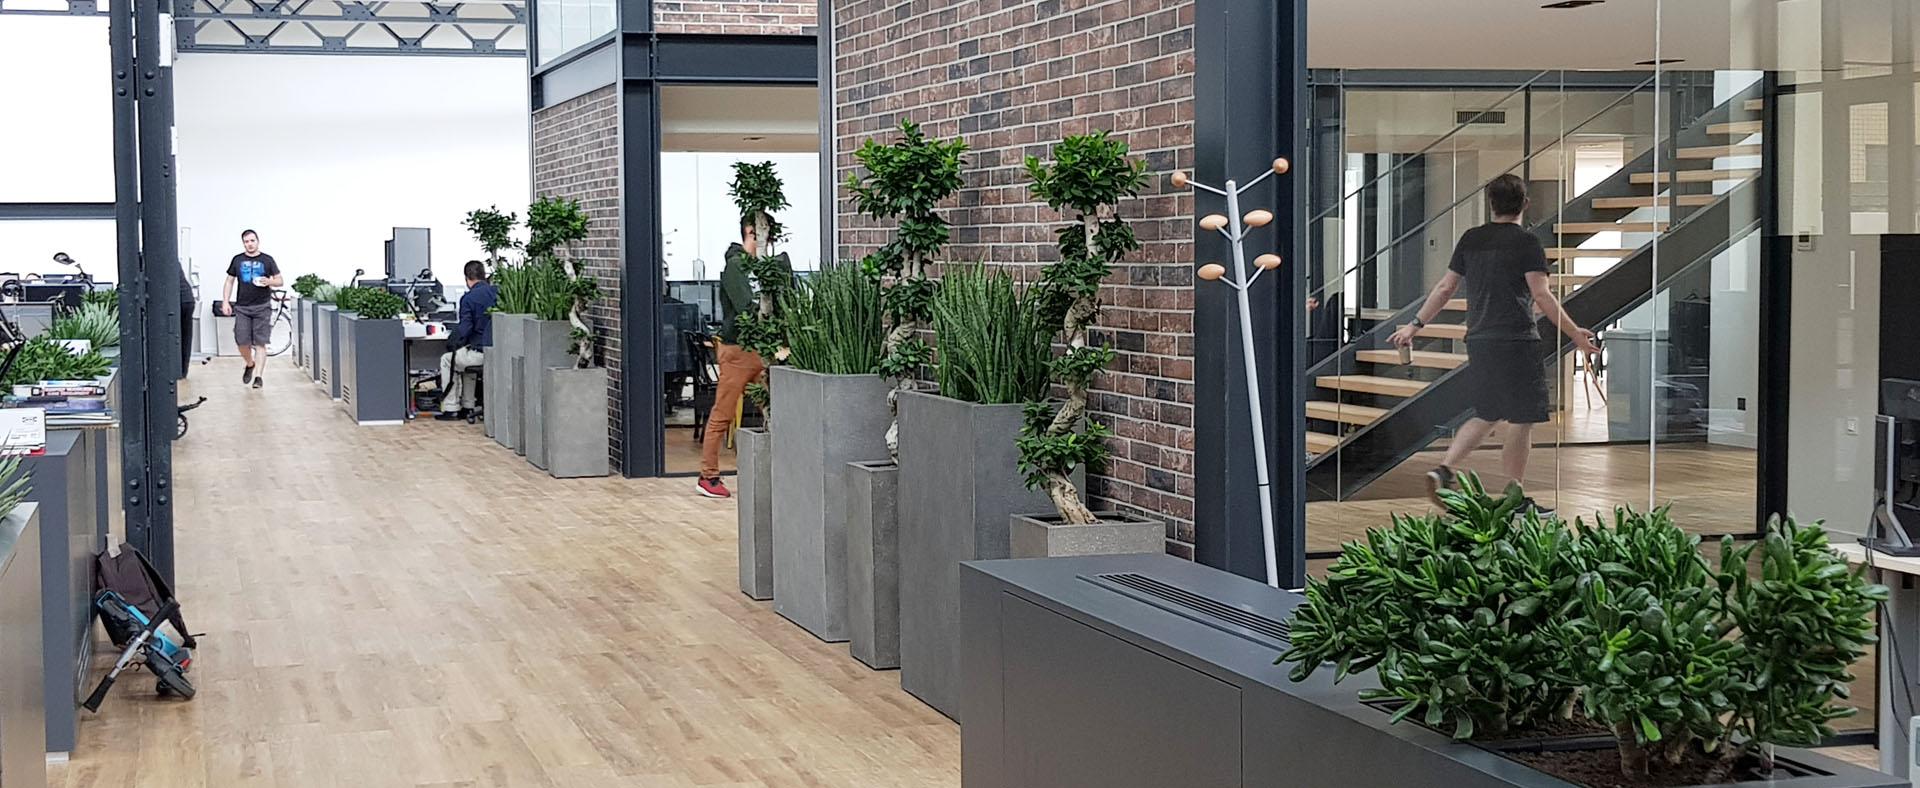 décor végétal dans une entreprise lyonnaise